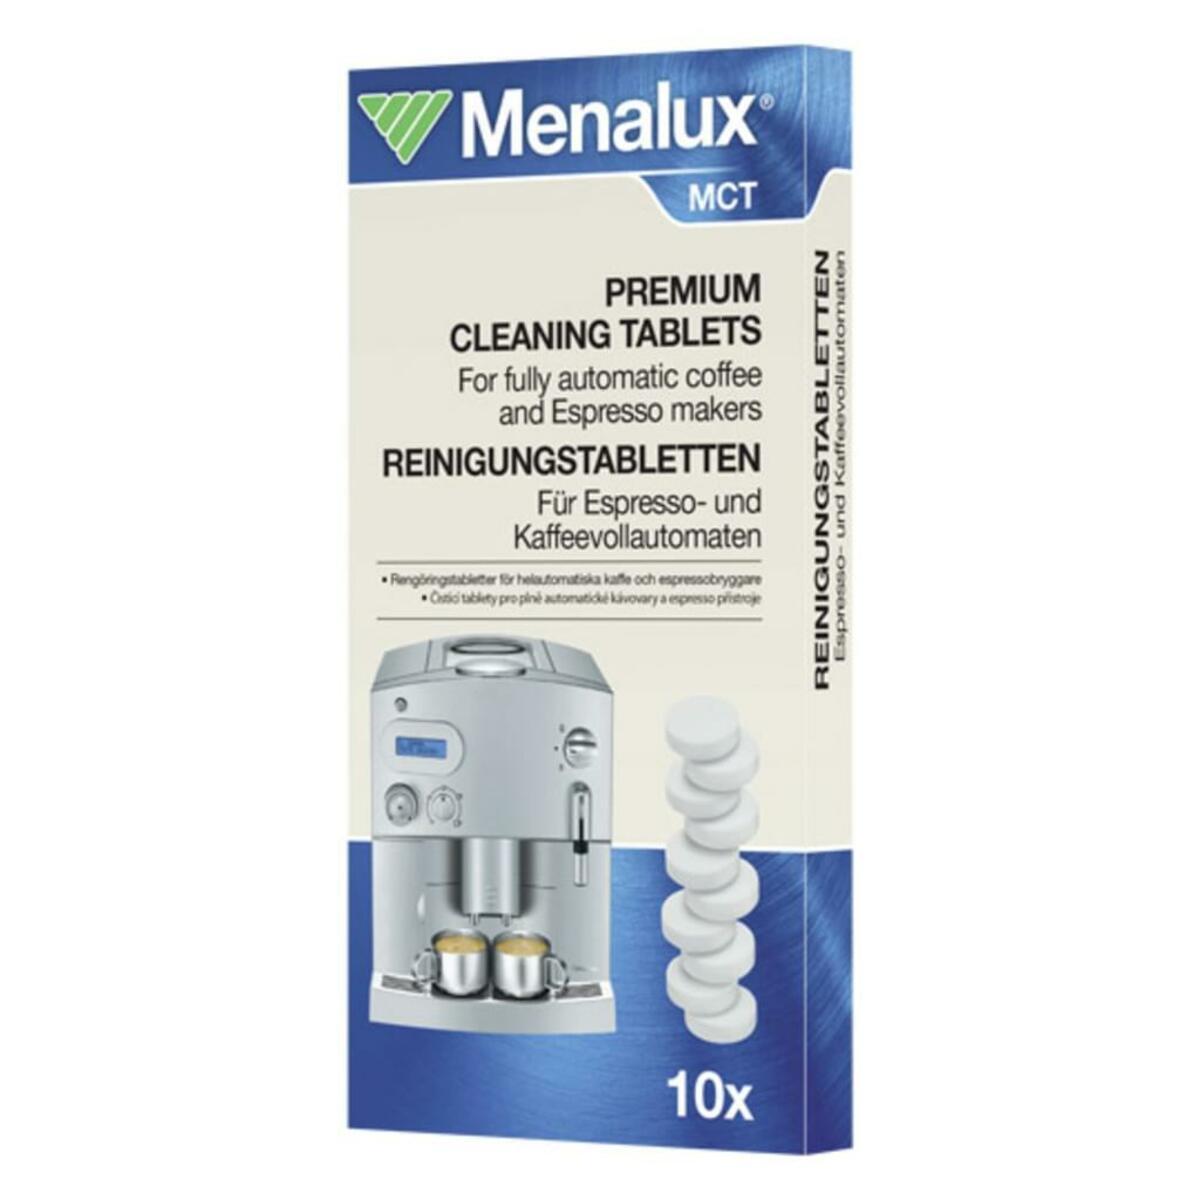 Bild 2 von Menalux Reinigungstabletten  MCT DE